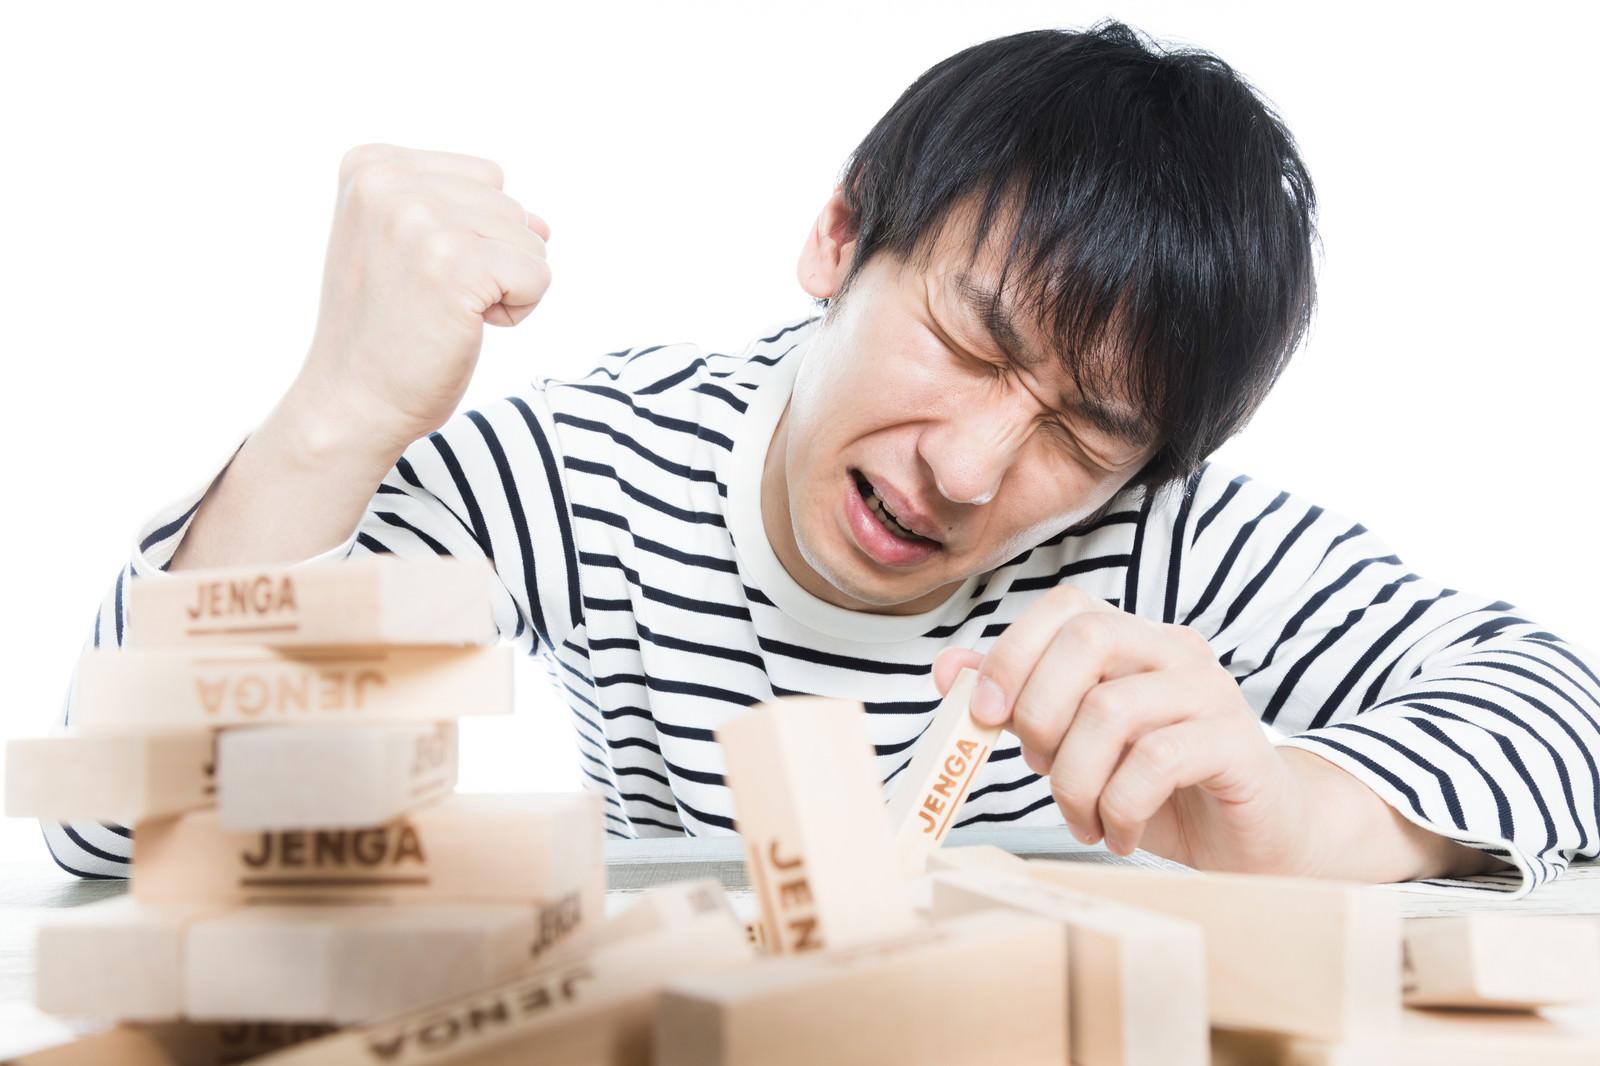 「悔しさのあまりテーブルを叩く男性」の写真[モデル:大川竜弥]